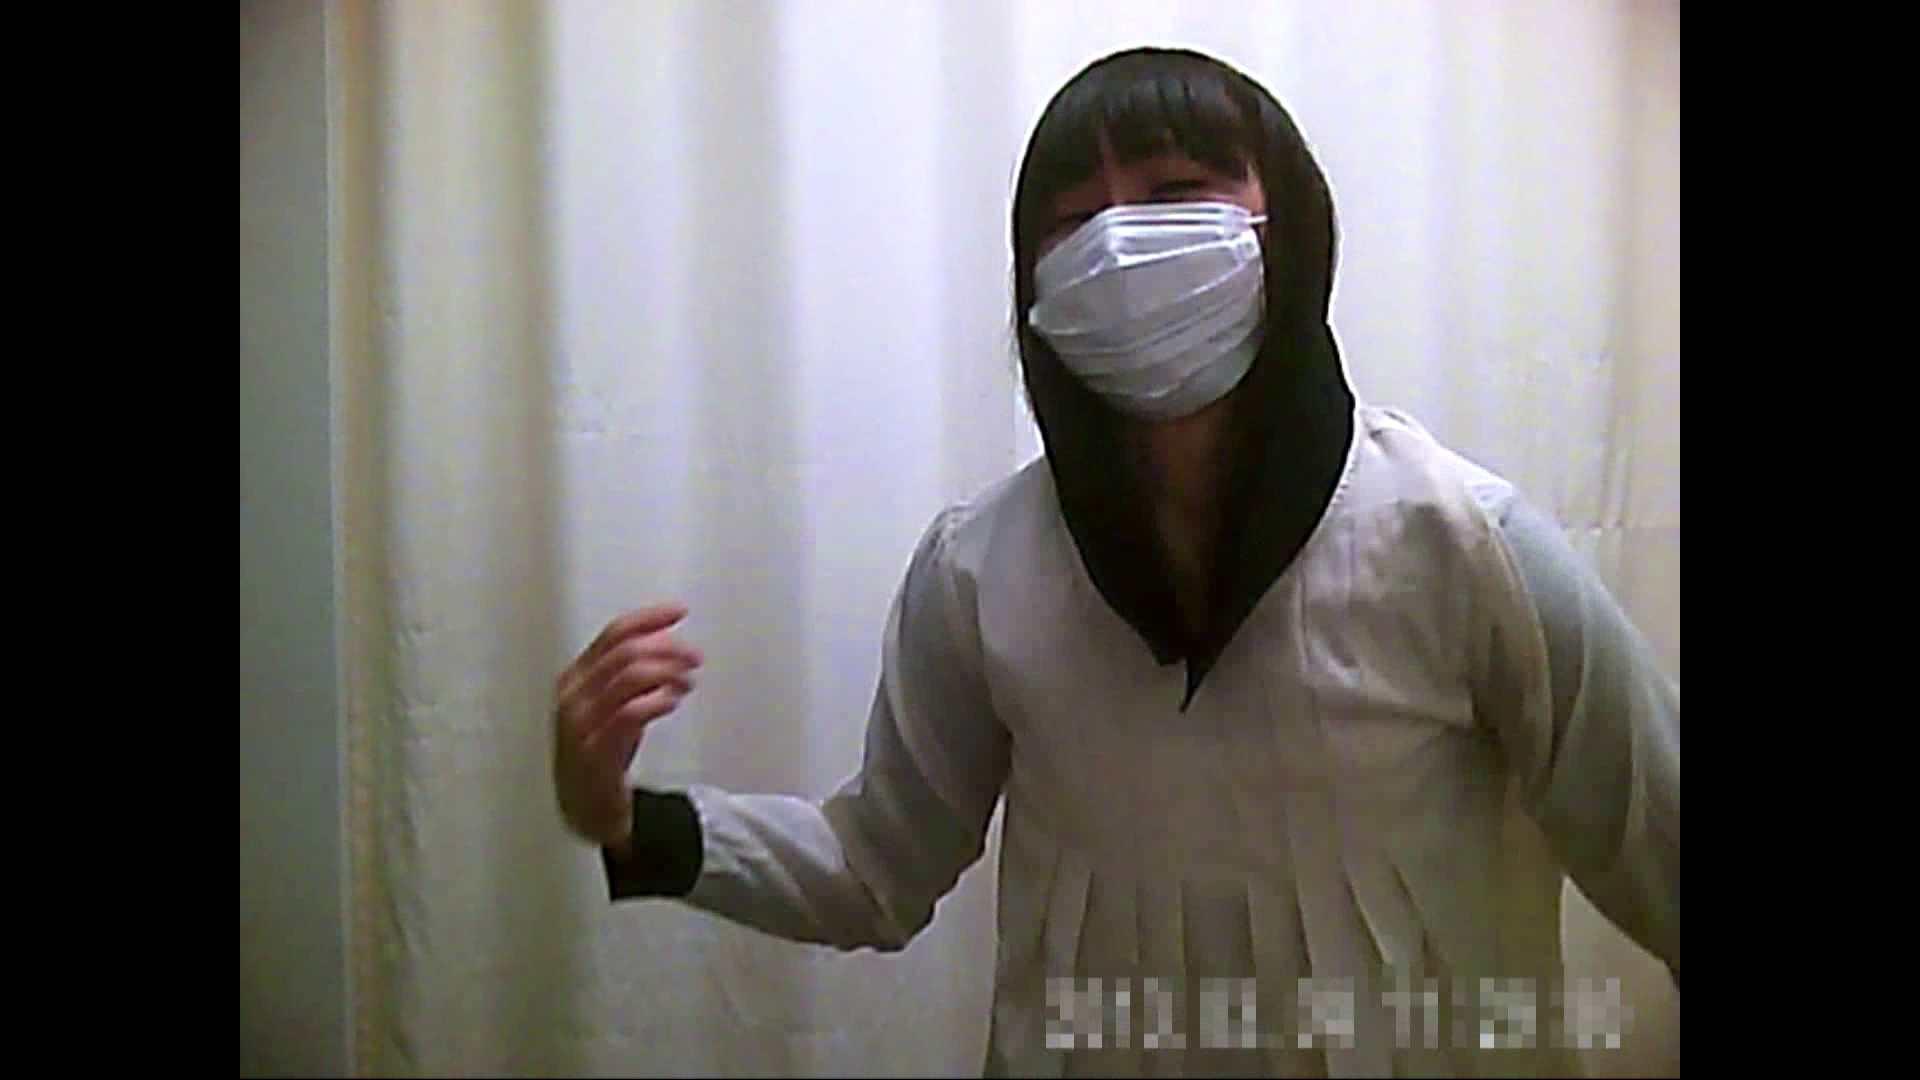 元医者による反抗 更衣室地獄絵巻 vol.103 OL  100pic 22